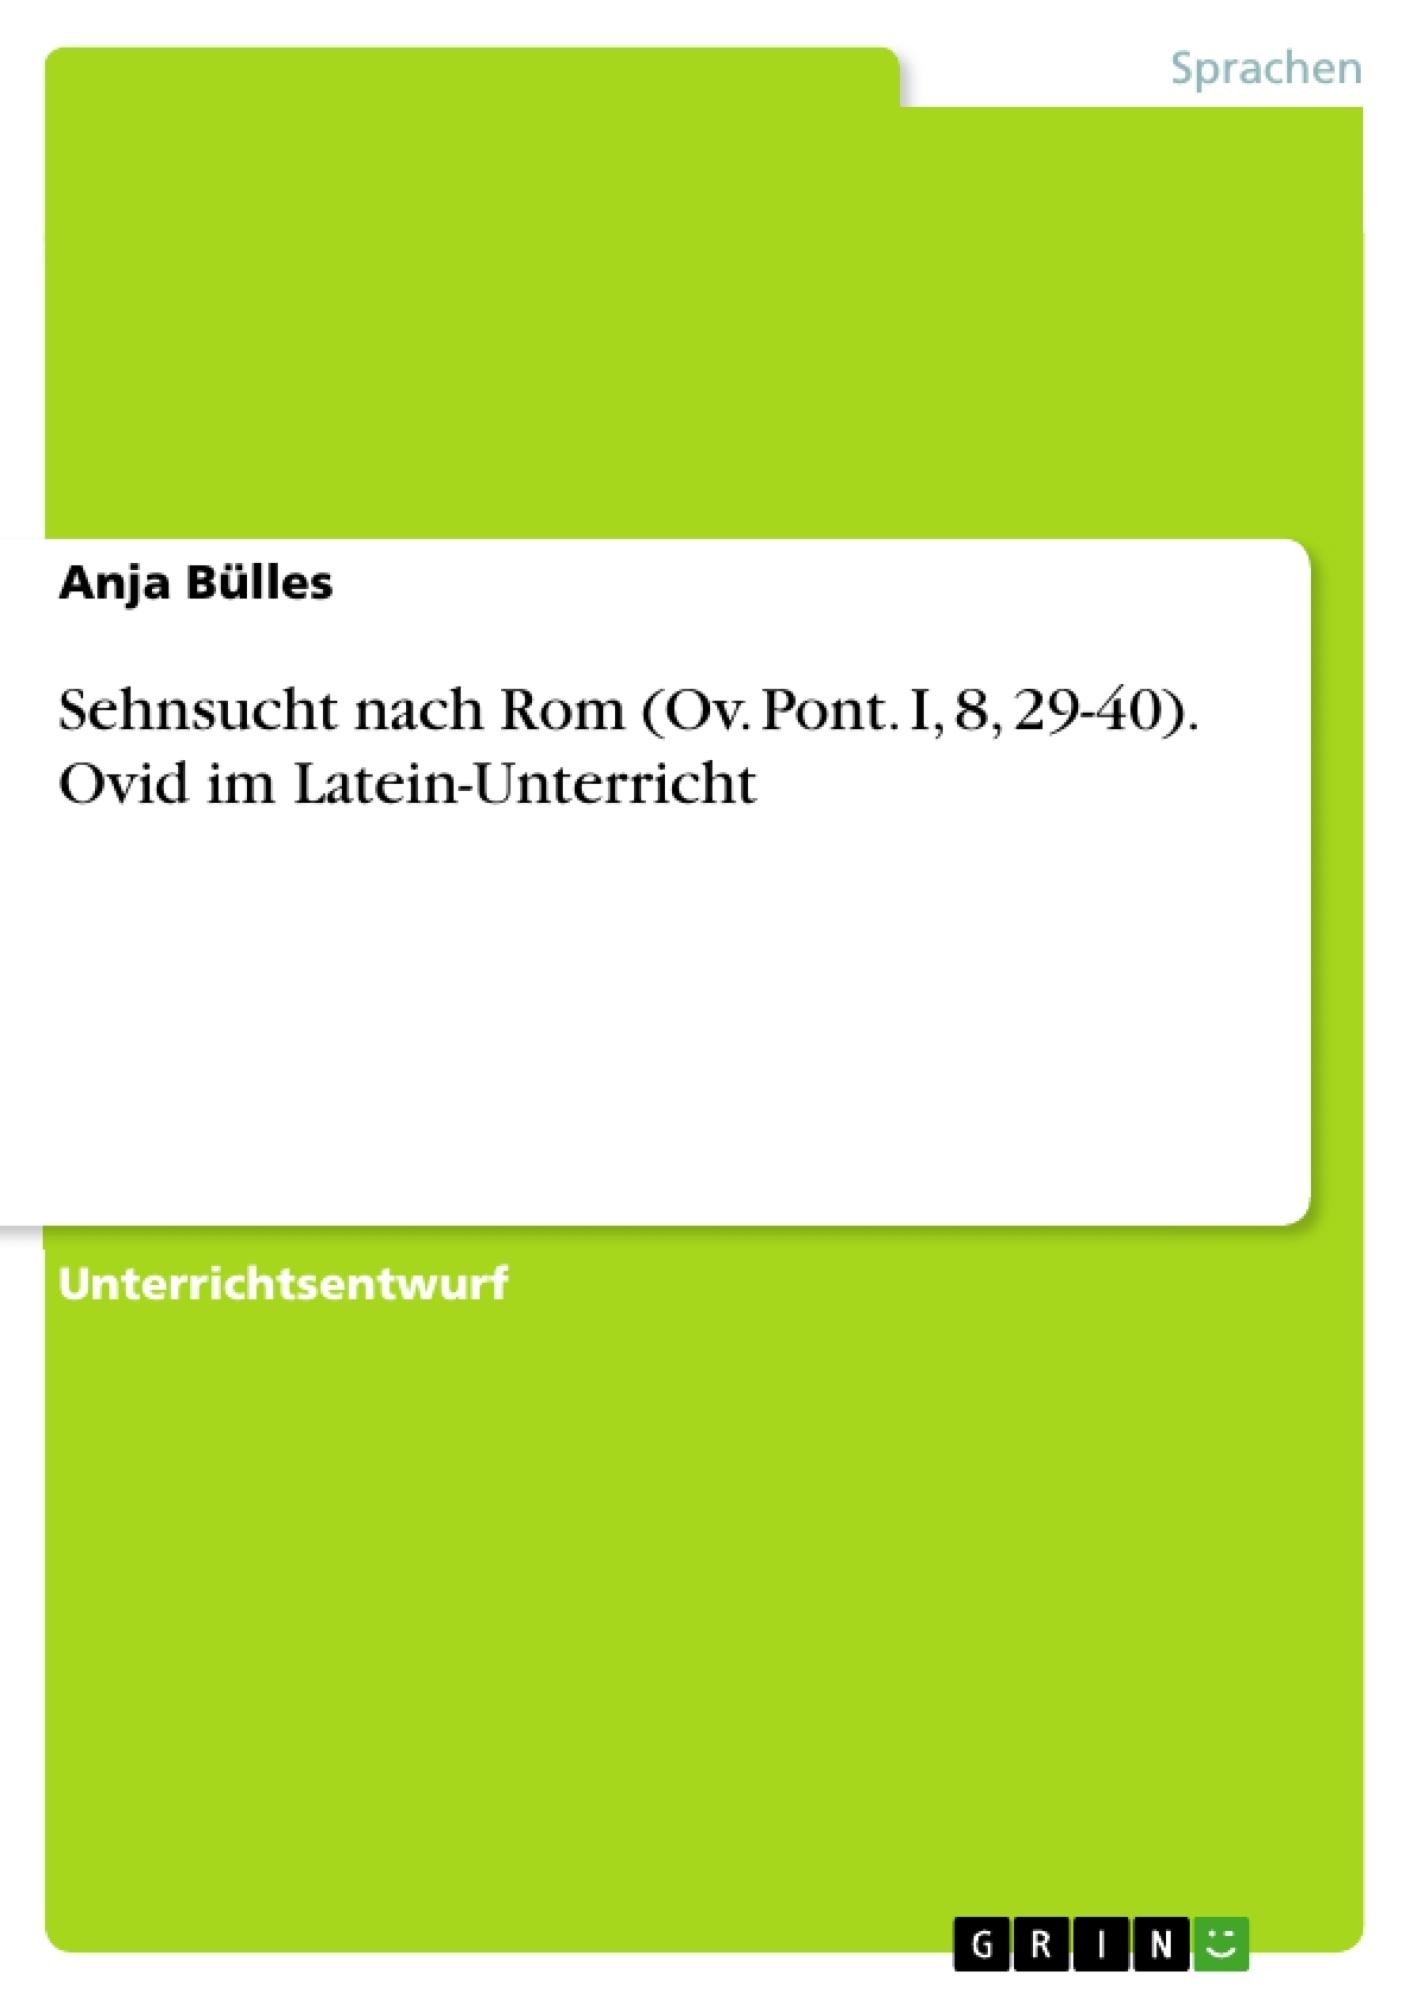 Titel: Sehnsucht nach Rom(Ov. Pont. I, 8, 29-40). Ovid im Latein-Unterricht